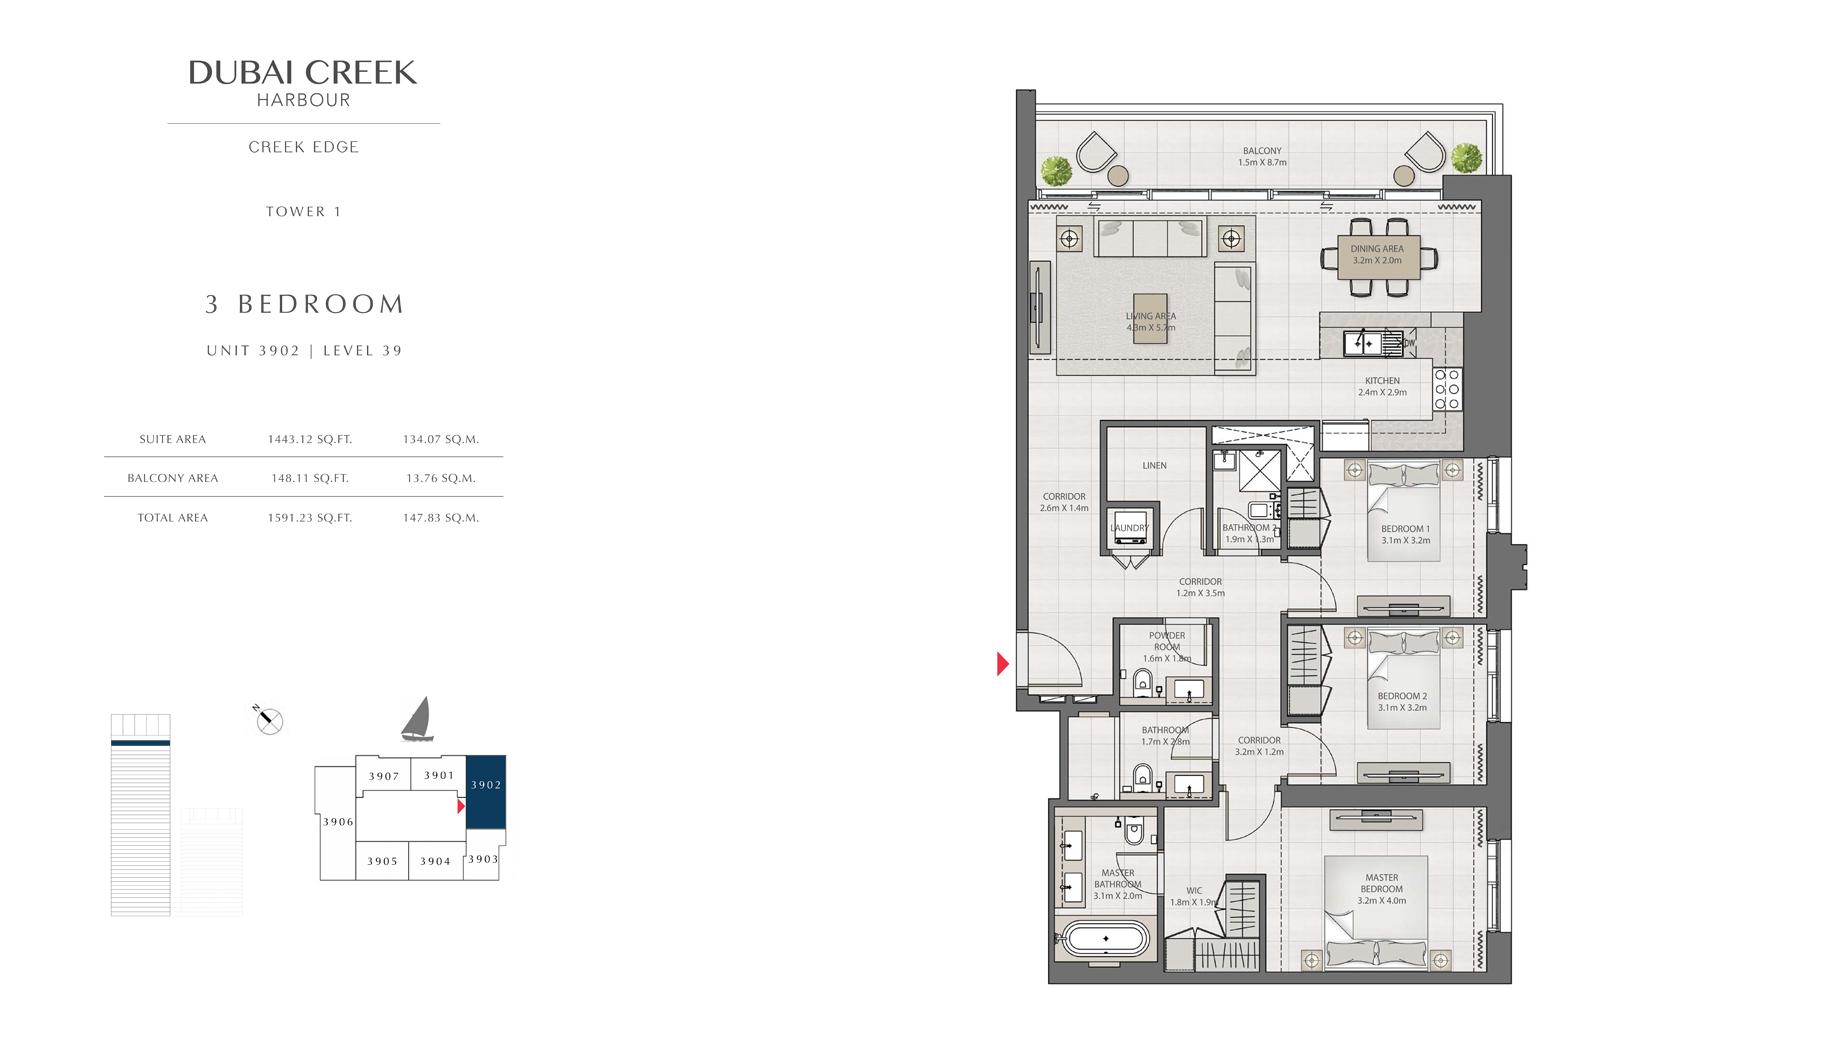 3 غرف نوم، برج 1، وحدة 3902 المستوى 39 حجم 1591 قدم مربع